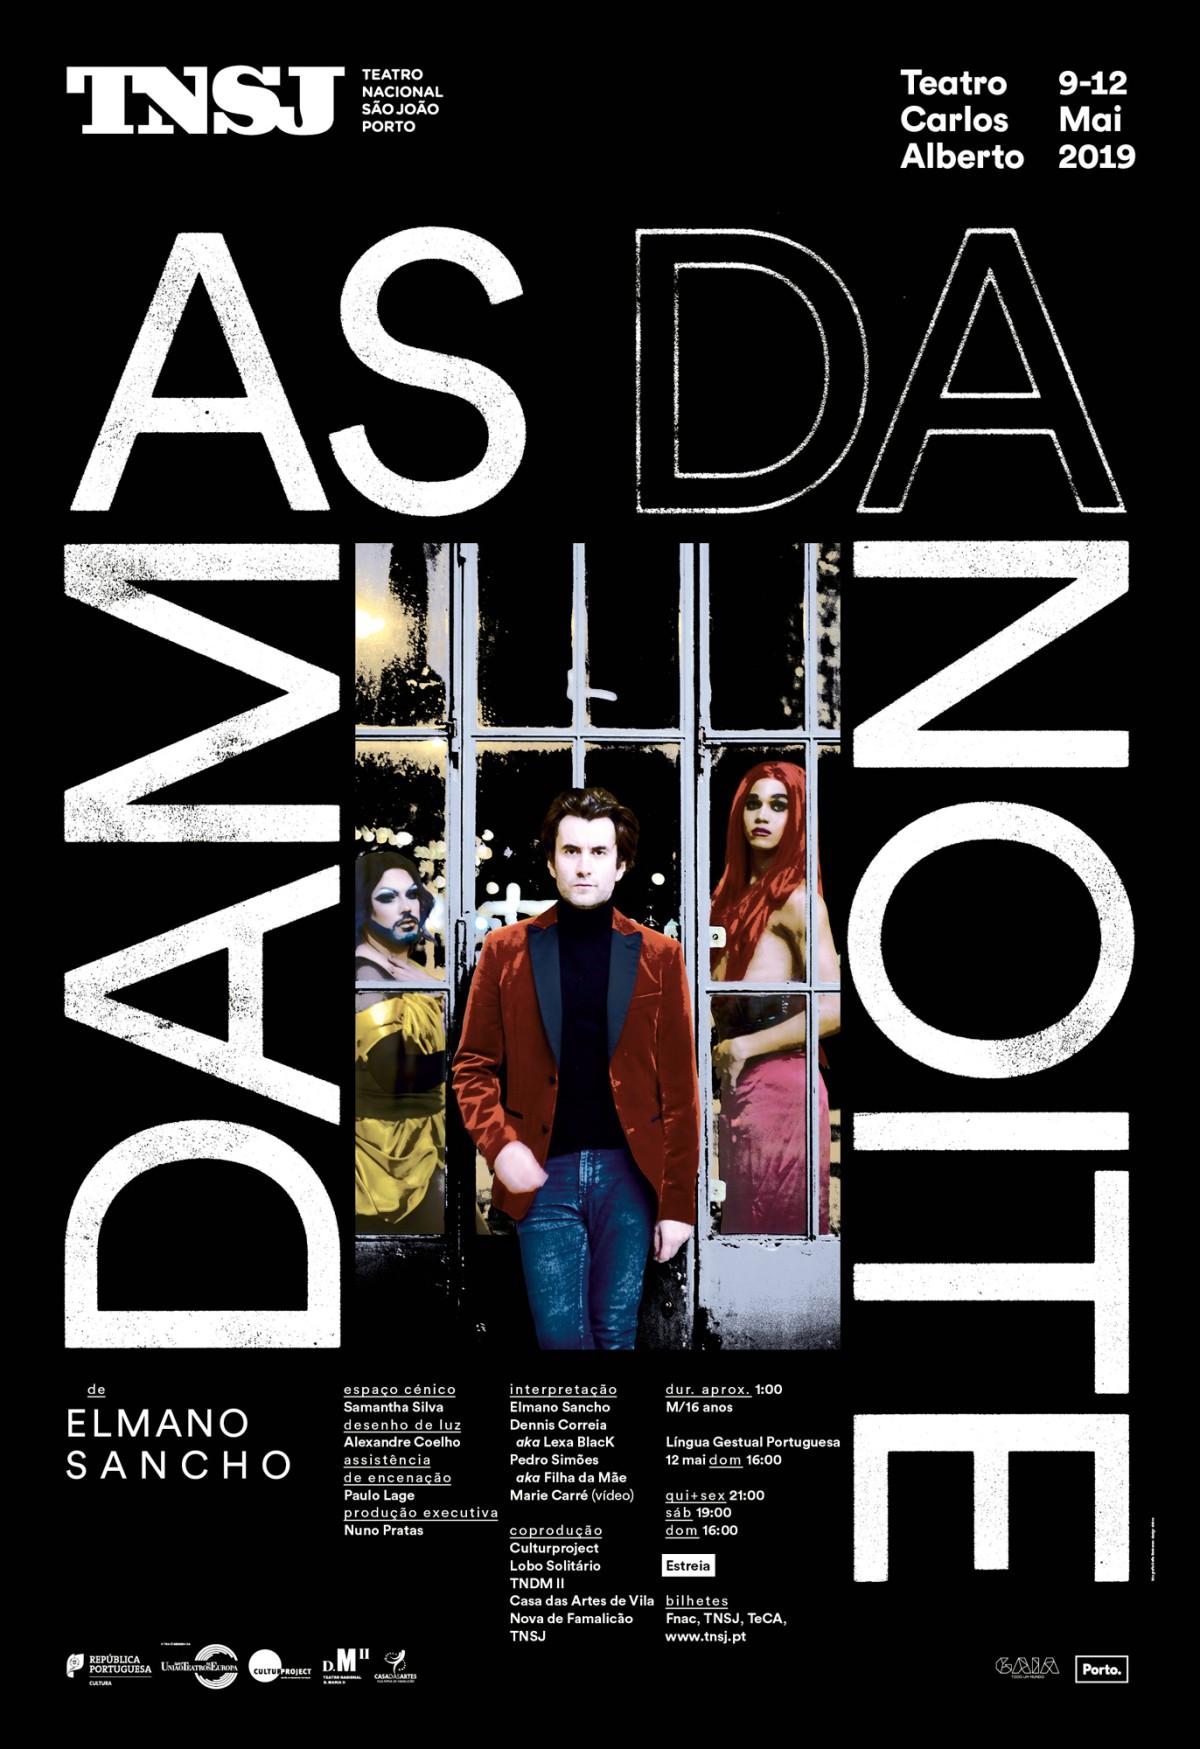 São João National Theatre Posters 2019 Image:1.3